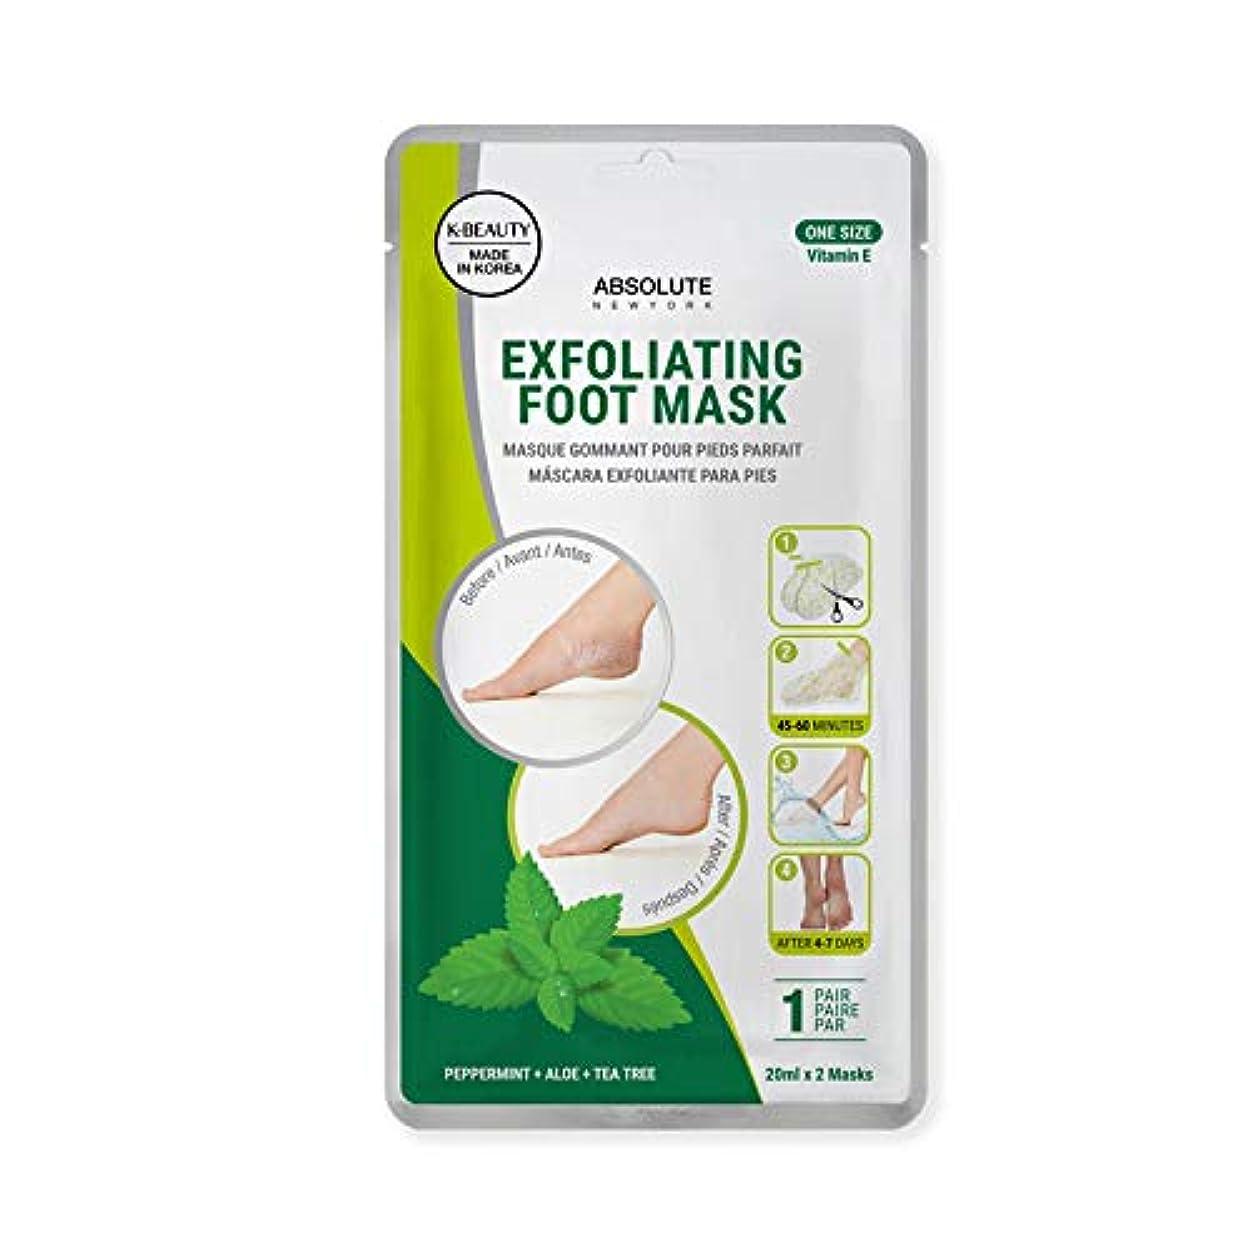 傾斜コレクション才能(3 Pack) ABSOLUTE Exfoliating Foot Mask - Peppermint + Aloe + Tea Tree (並行輸入品)